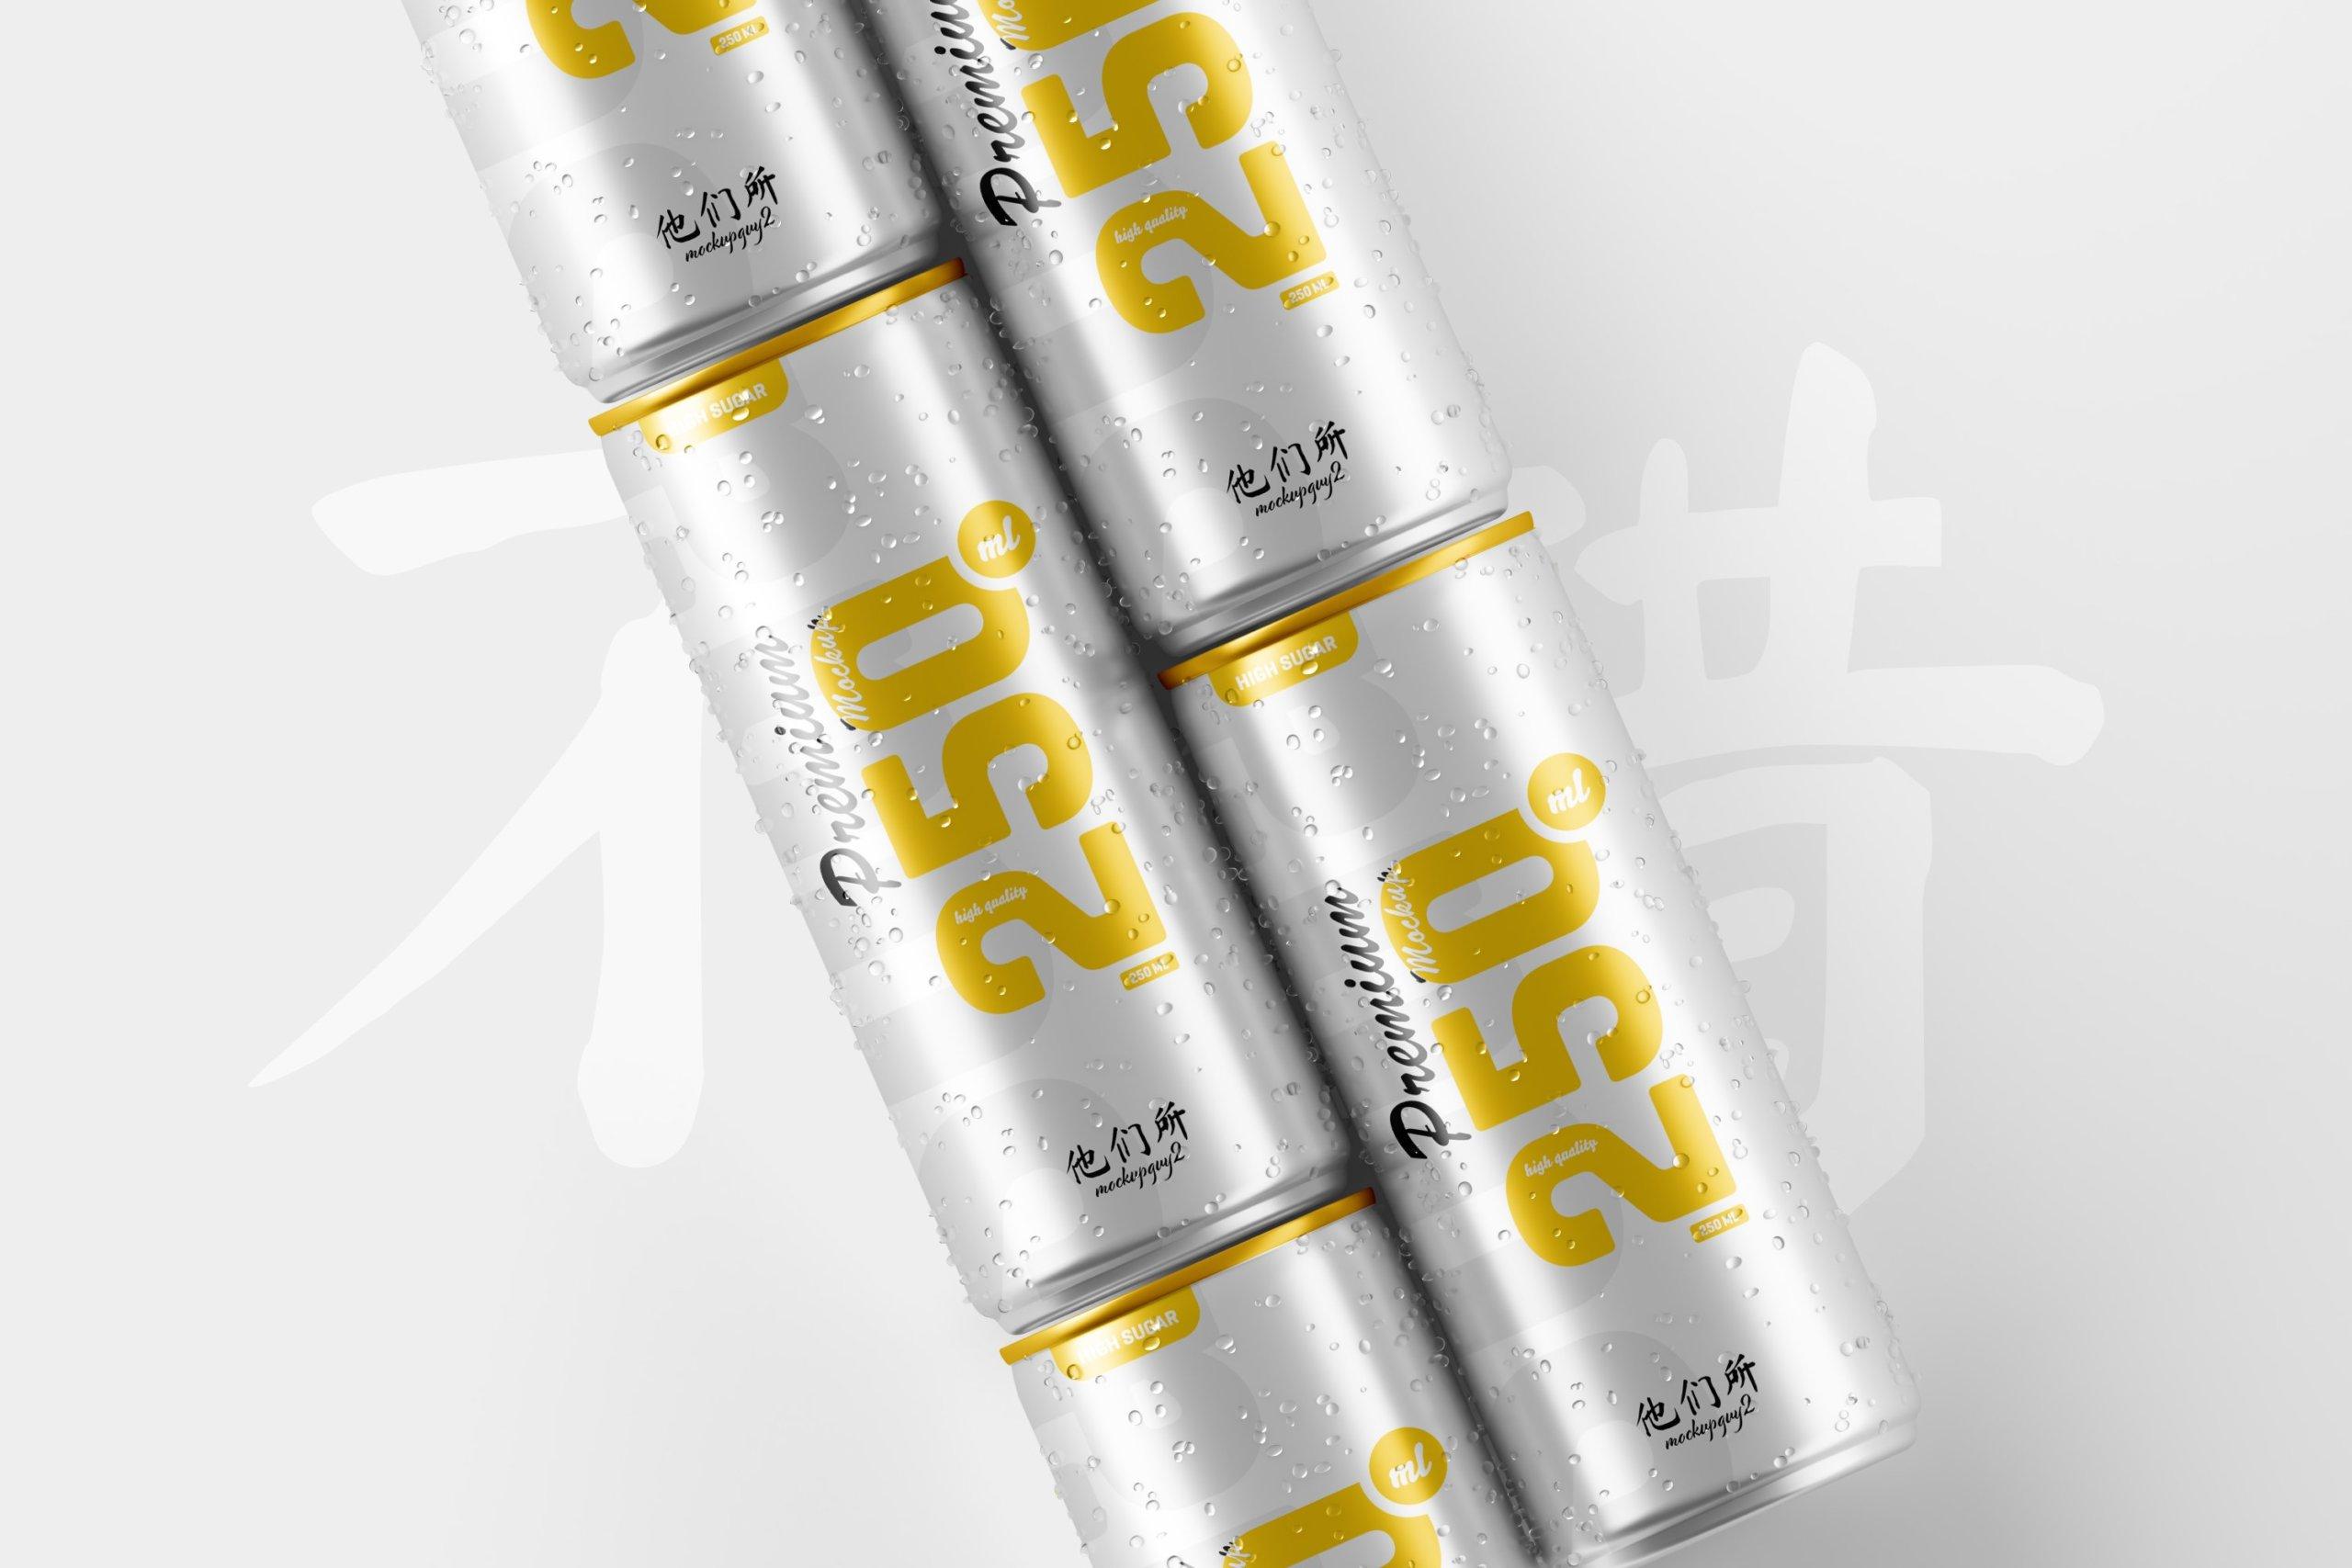 10款250ml啤酒饮料苏打水锡罐易拉罐设计展示样机 250ml Soda Can Mockup插图5